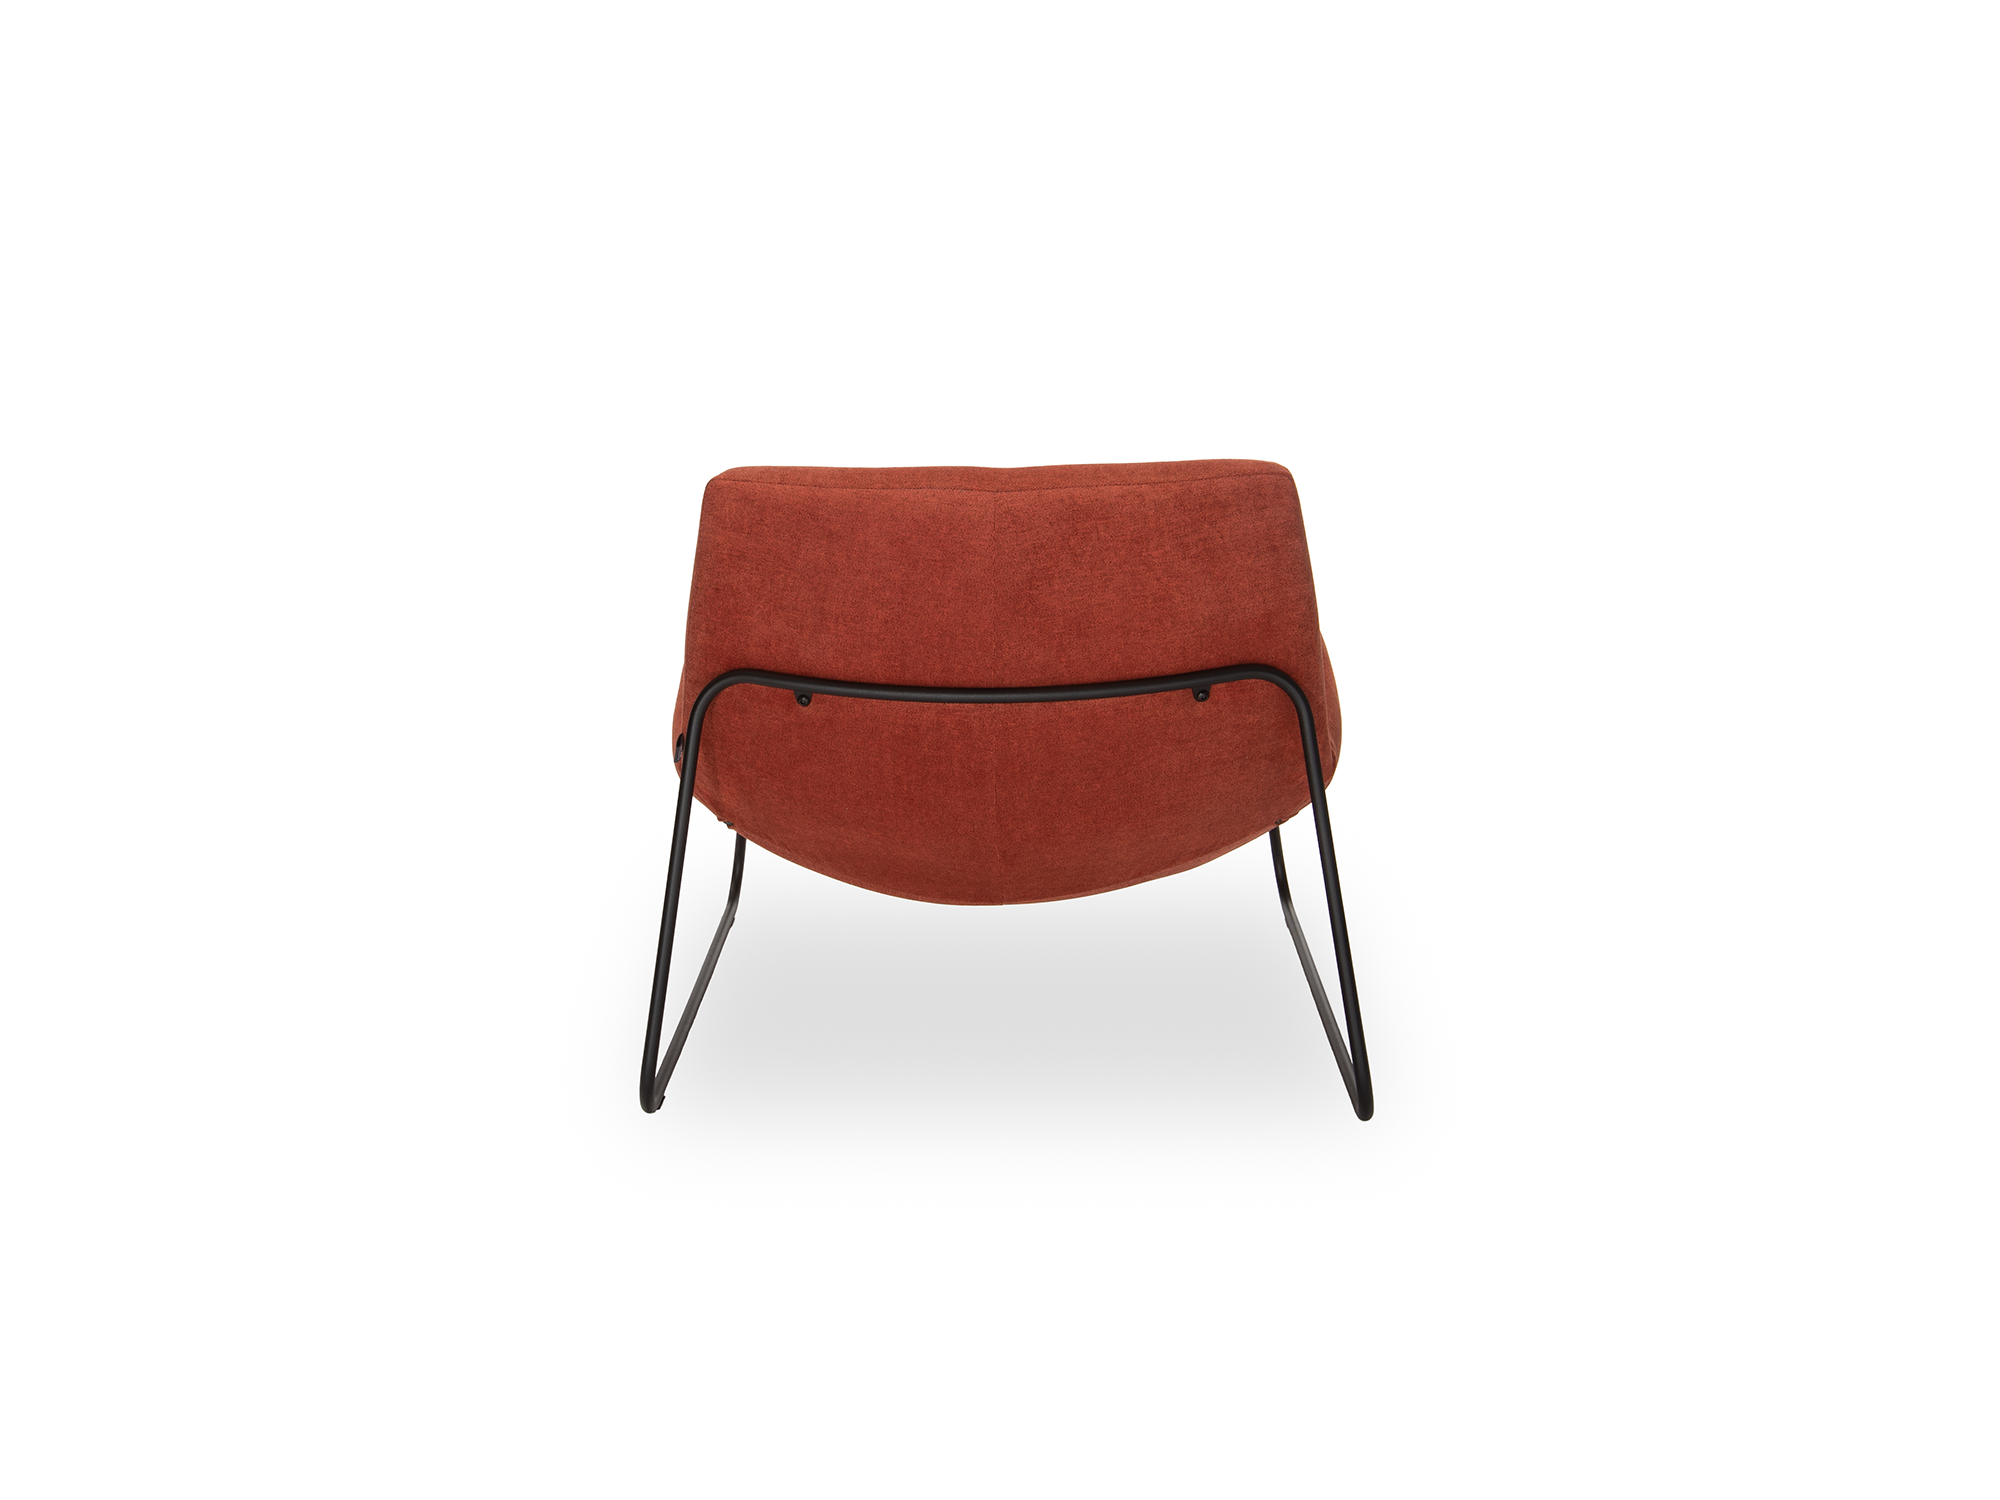 Designfauteuil fortuin donker oranje stalen poot en stof